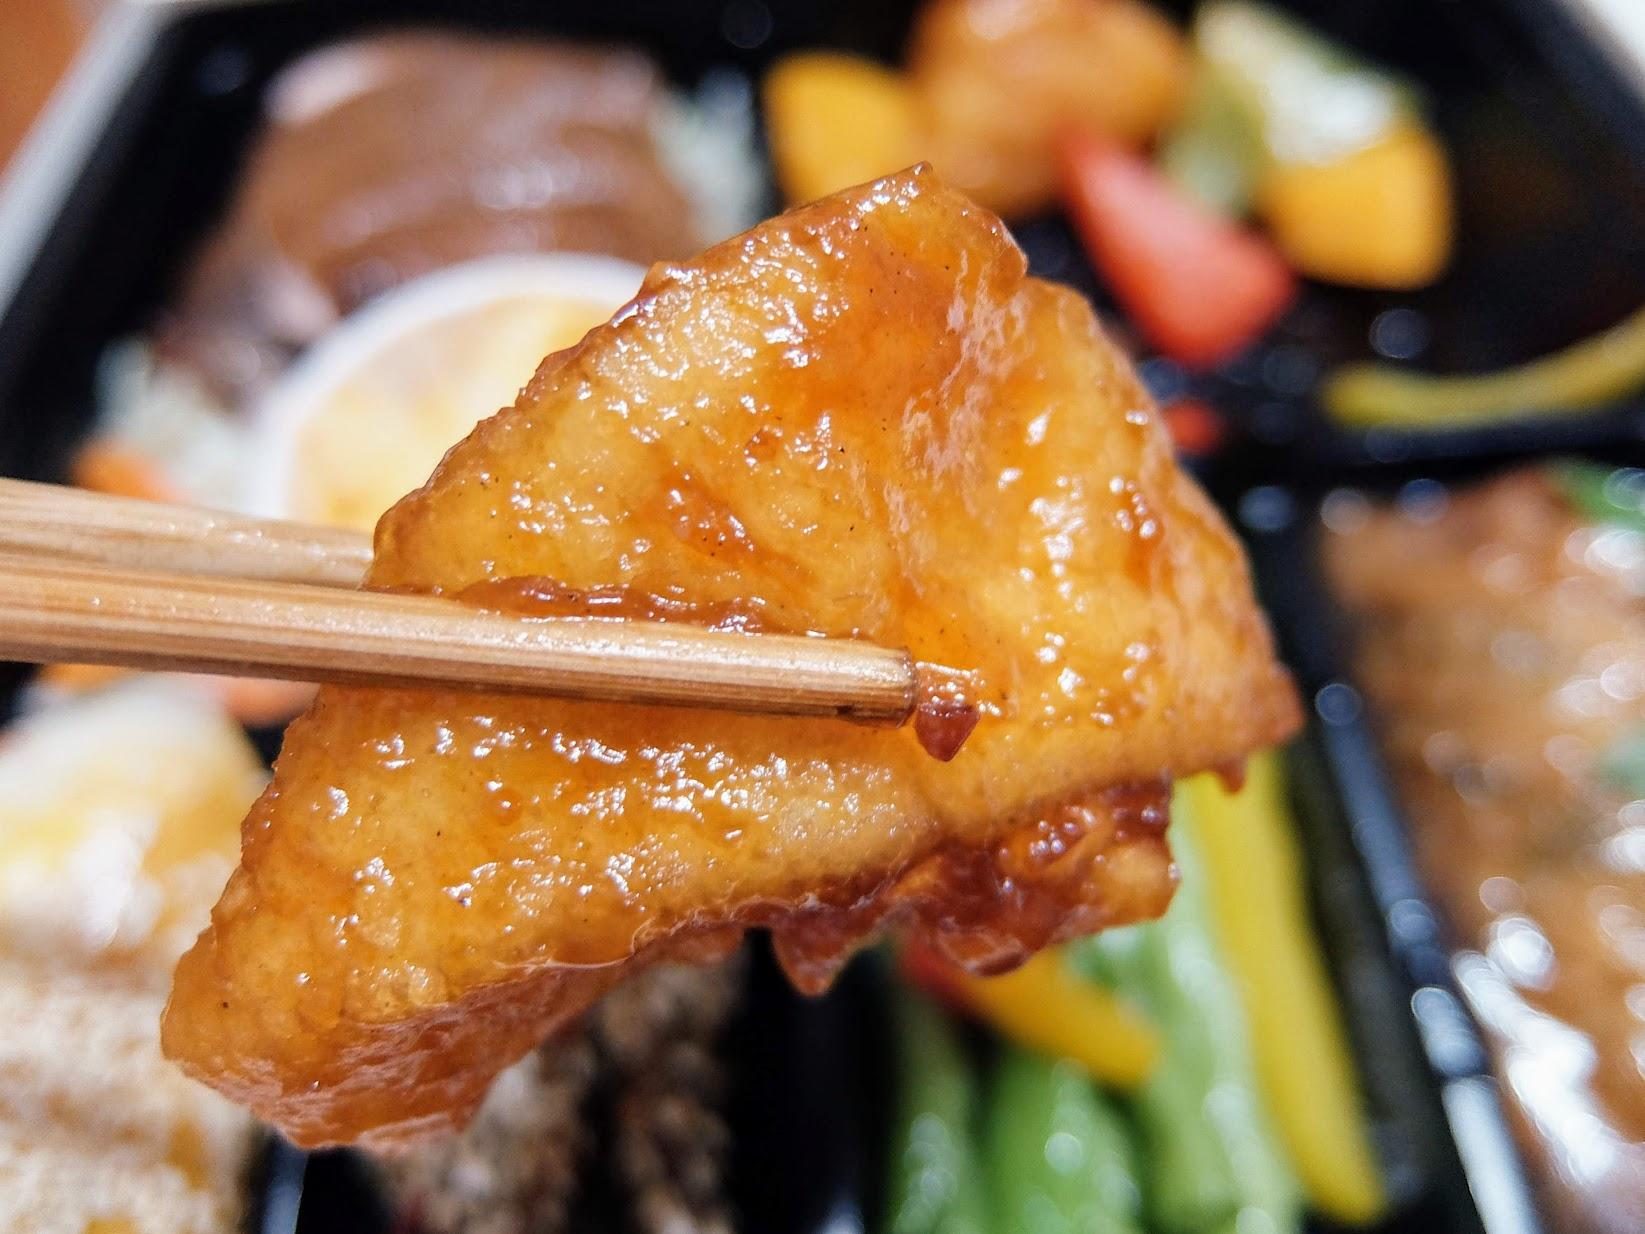 糖醋魚甜甜酸酸的口感,旁邊還有切塊的水蜜桃